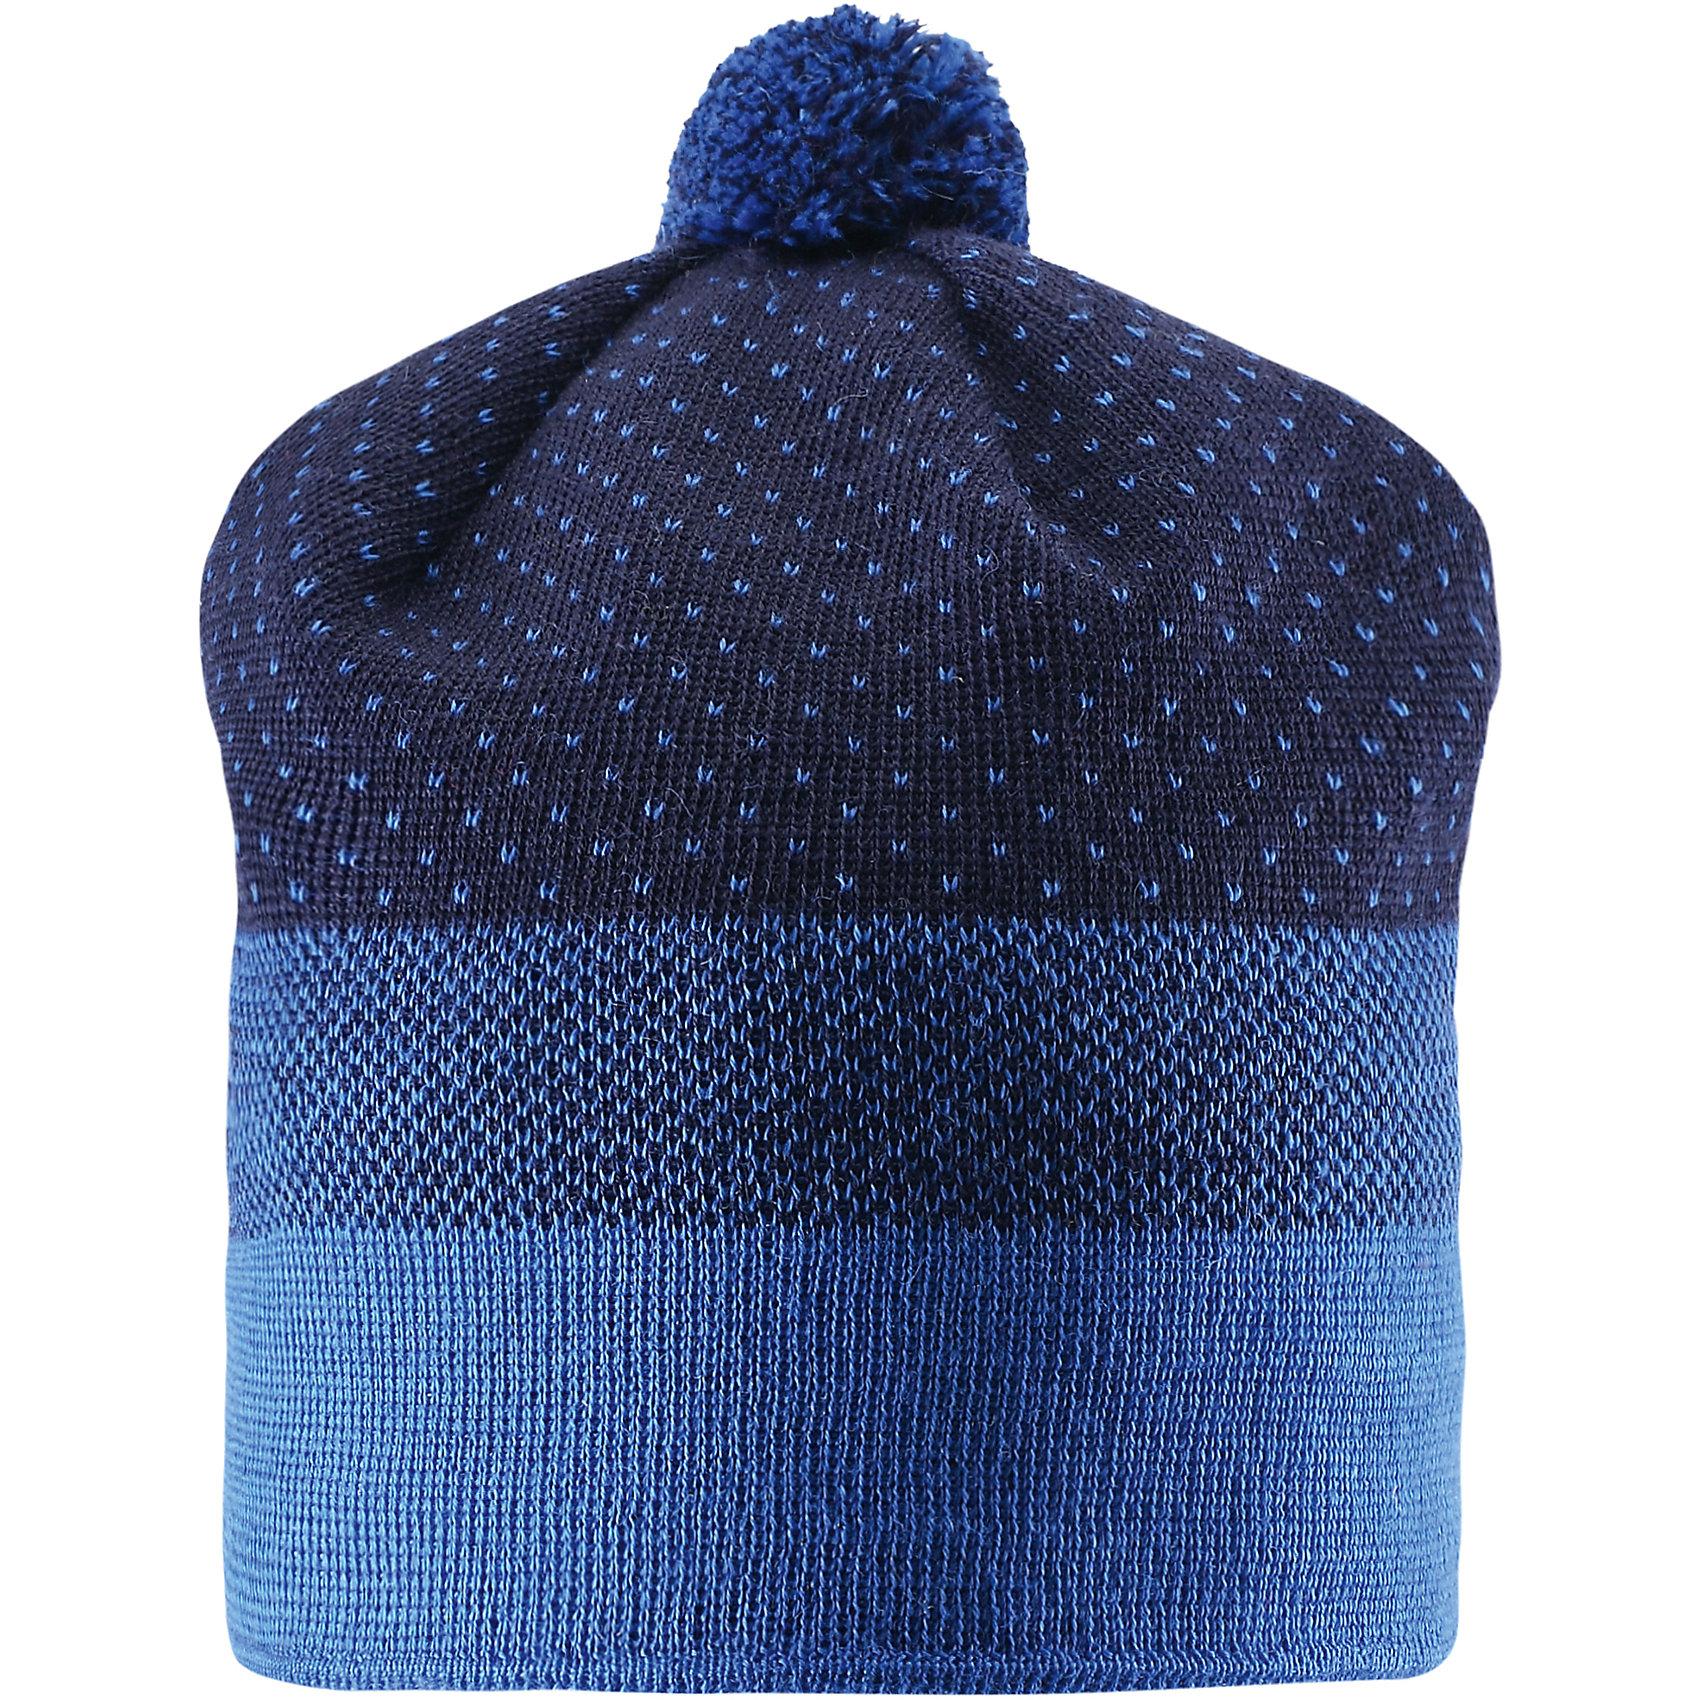 Шапка для мальчика LASSIEУтепленная шапка из шерсти и акрила с мягкой флисовой подкладкой отлично сохраняет тепло. На макушке мягкий помпон.<br><br>Дополнительная информация:<br><br>Состав: 50% шерсть, 50% акрил.<br>Подкладка: флис 100% полиэстер. <br>Ветронепроницаемые вставки в области ушей.<br>Светоотражающая эмблема Lassie.<br>Температурный режим до -15<br><br>Шапку для мальчика LASSIE можно купить в нашем магазине.<br><br>Ширина мм: 89<br>Глубина мм: 117<br>Высота мм: 44<br>Вес г: 155<br>Цвет: синий<br>Возраст от месяцев: 12<br>Возраст до месяцев: 24<br>Пол: Мужской<br>Возраст: Детский<br>Размер: 46-48,54-56,50-52<br>SKU: 4385303